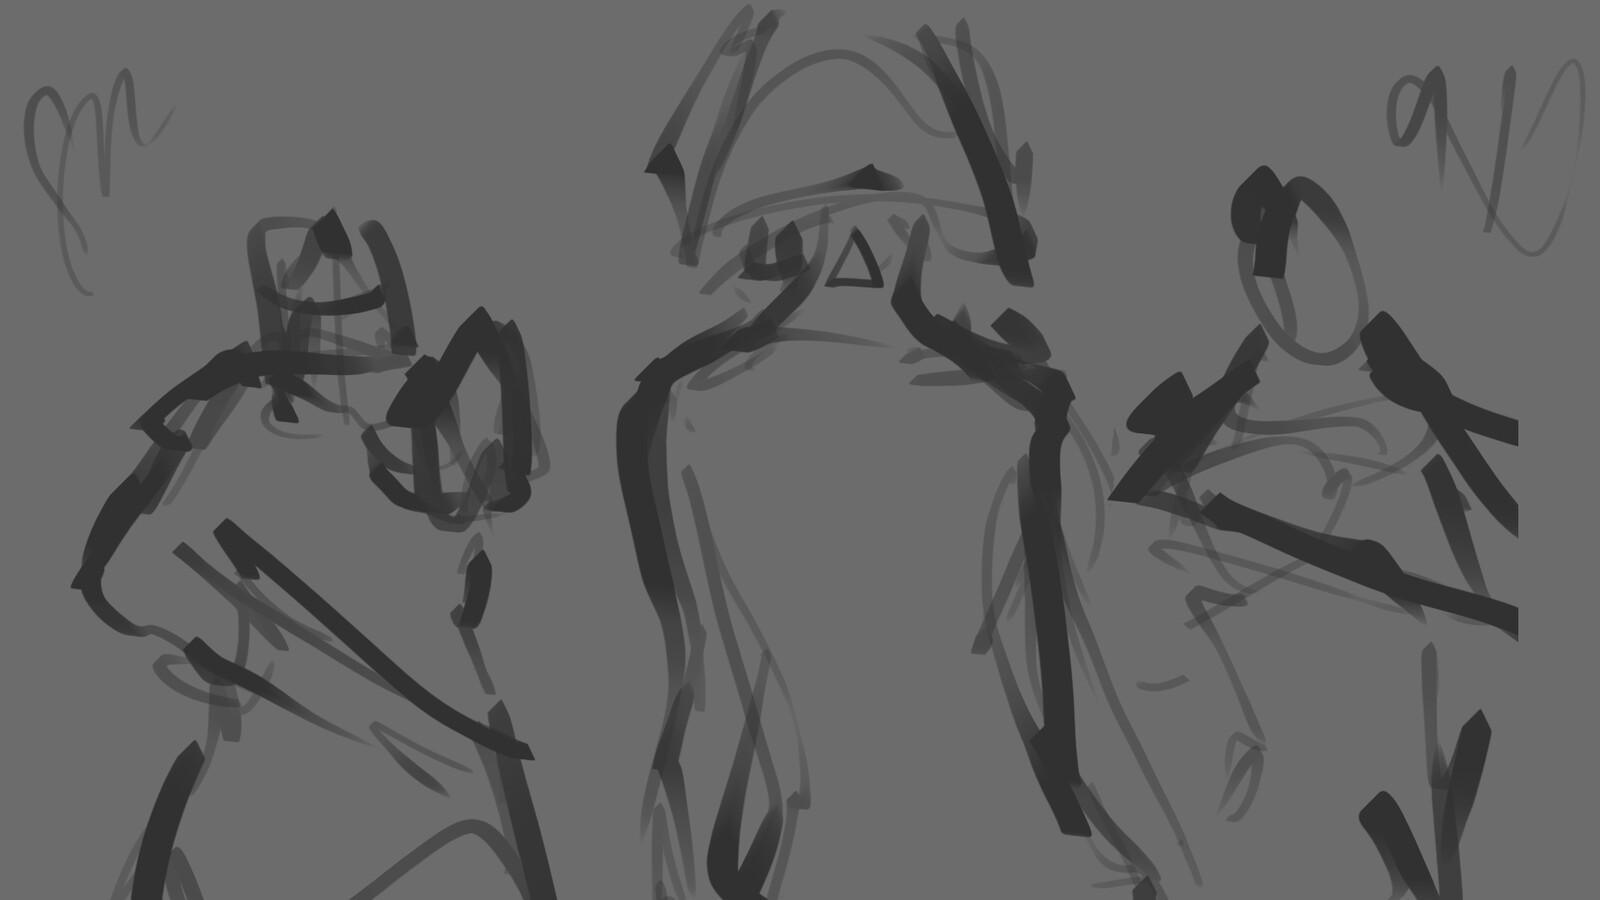 Initial scribble